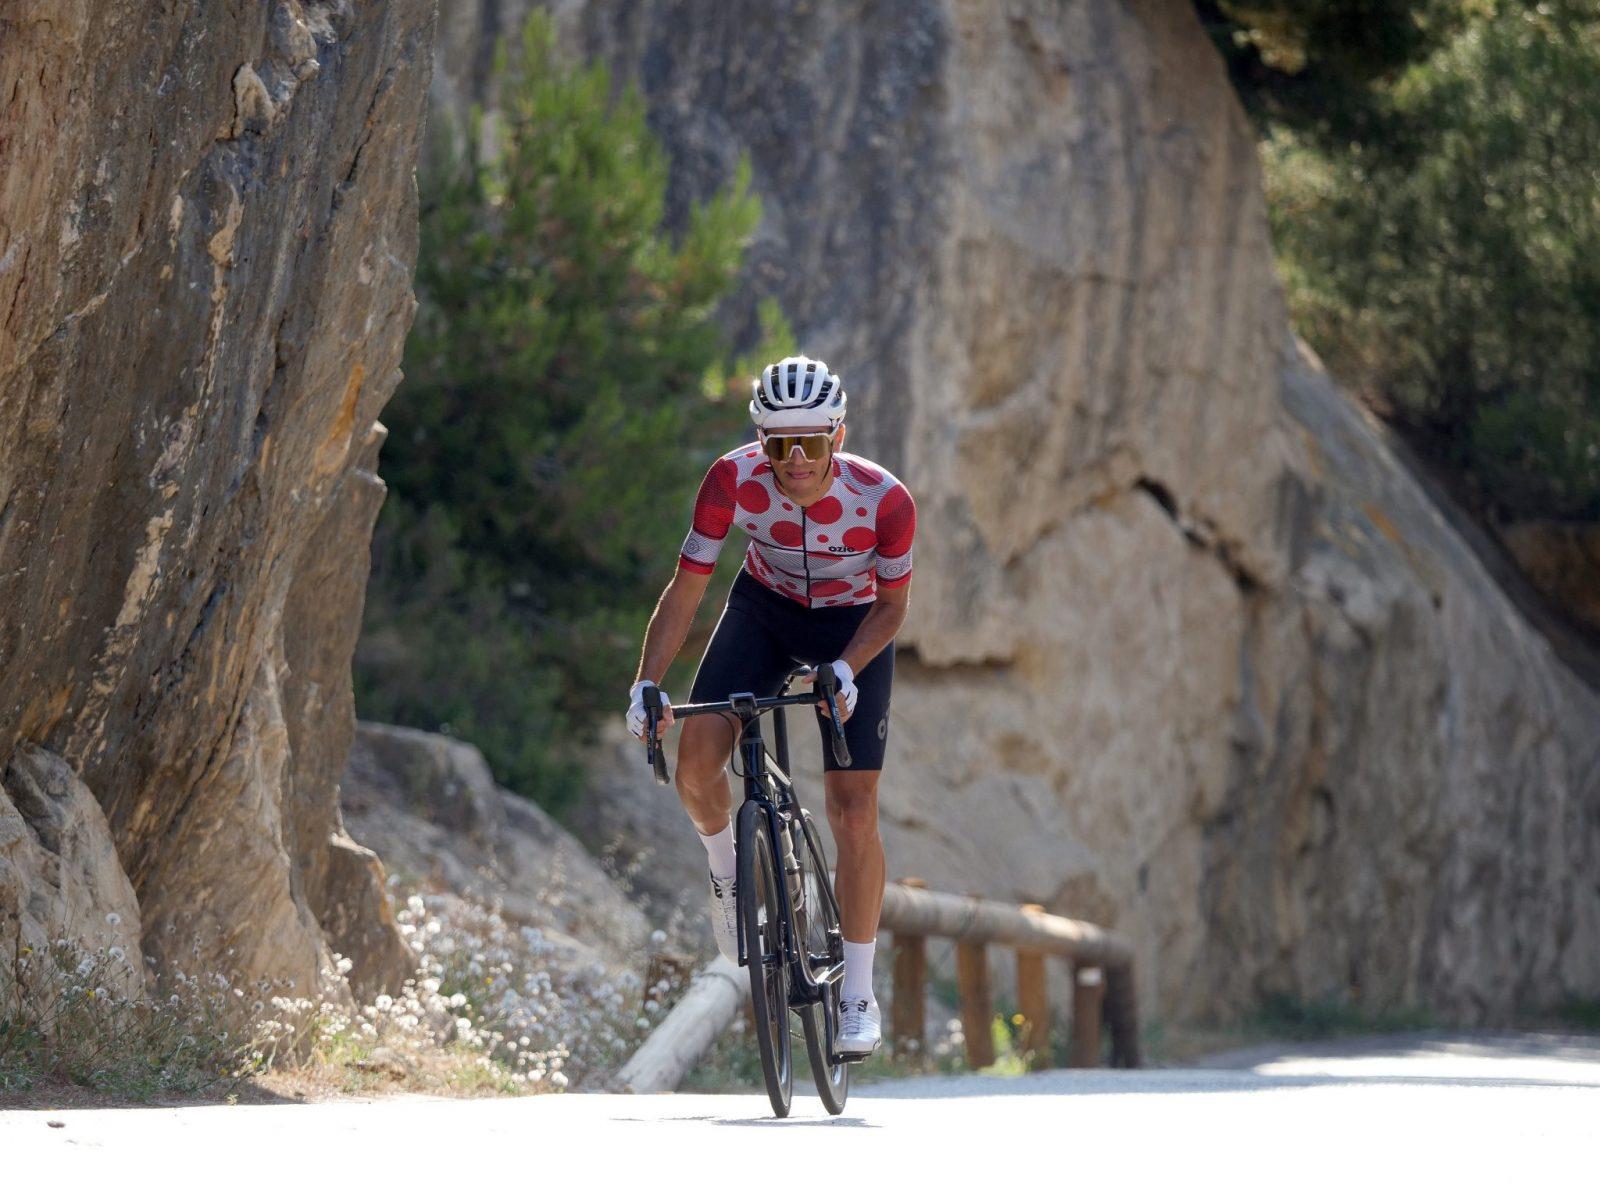 Maillot vélo blanc à pois rouge face cycliste en danseuse